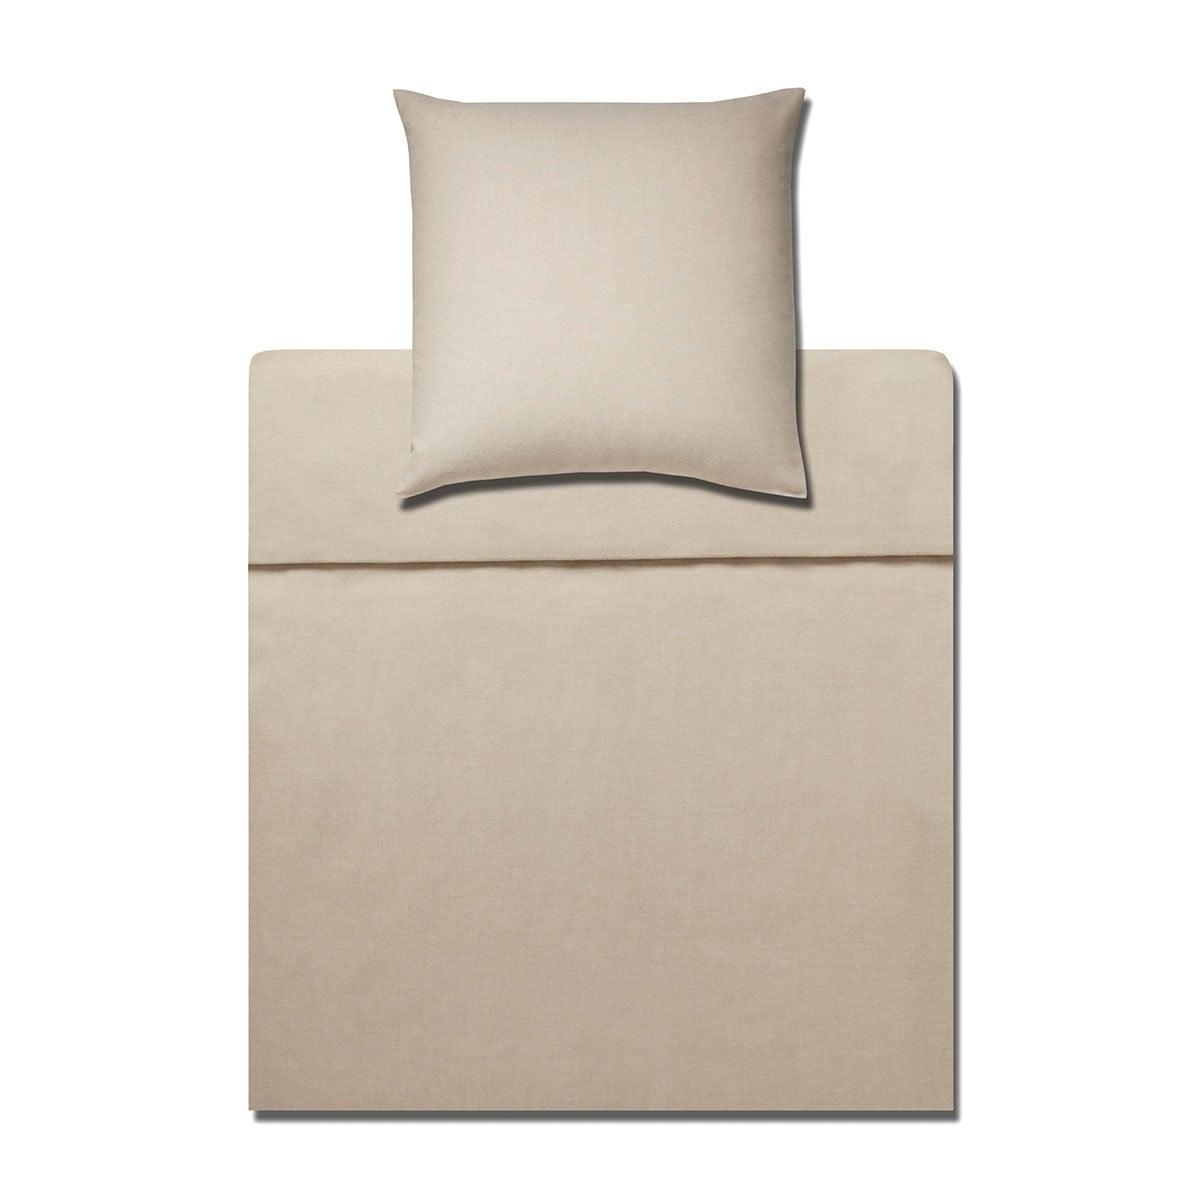 baldessarini flanell bettw sche trace blonde g nstig online kaufen bei bettwaren shop. Black Bedroom Furniture Sets. Home Design Ideas